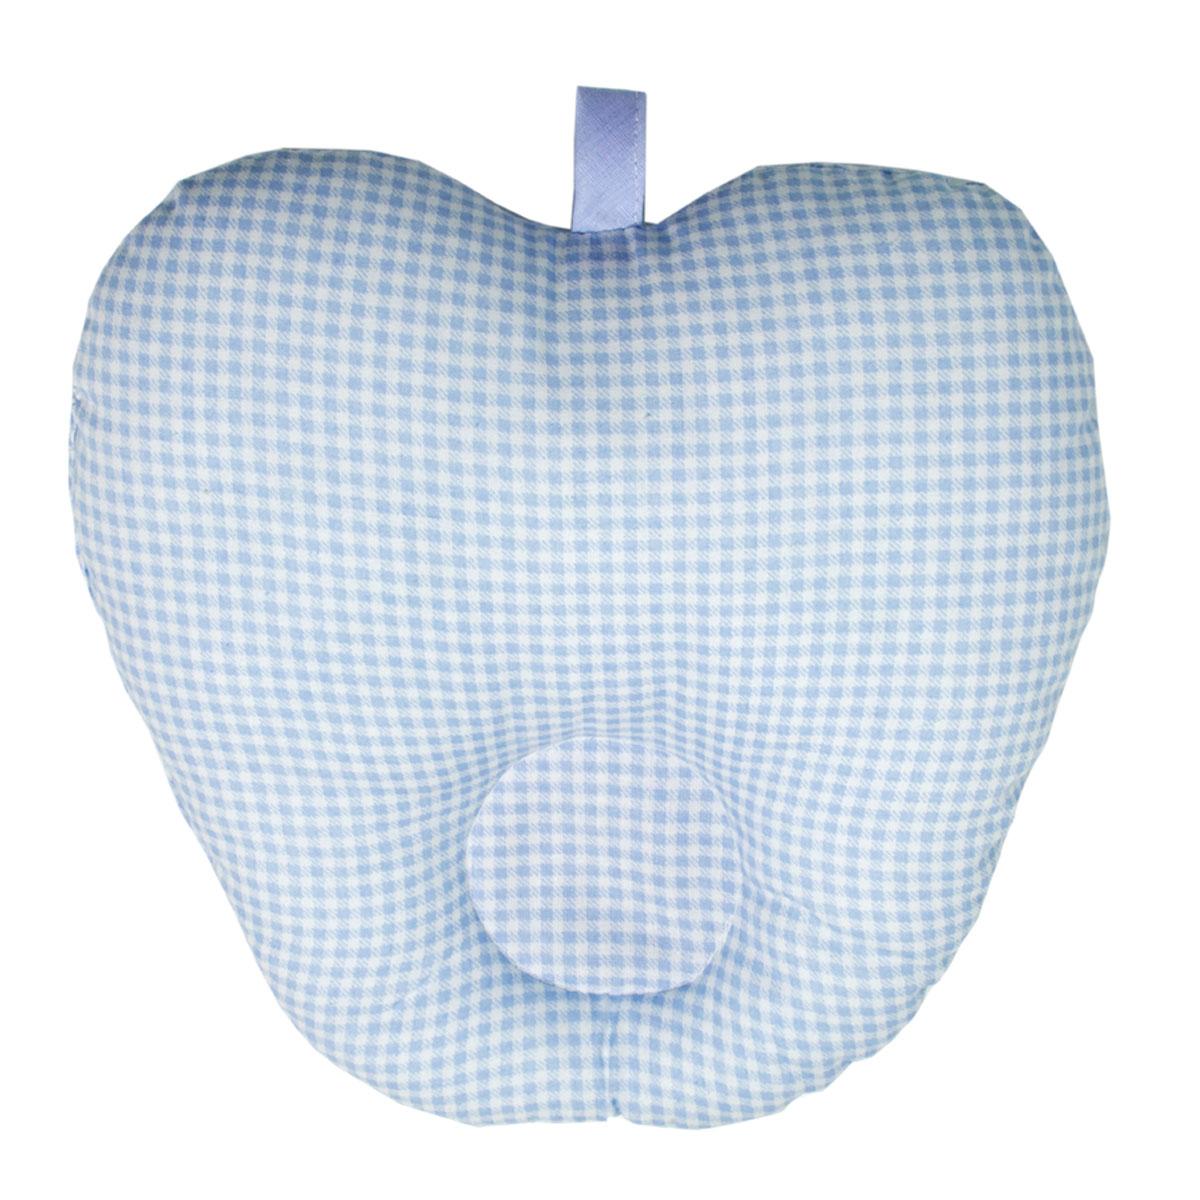 Подушка анатомическая Primavelle Apple для младенцев, цвет: голубой, 25 см х 25 см111062525-18